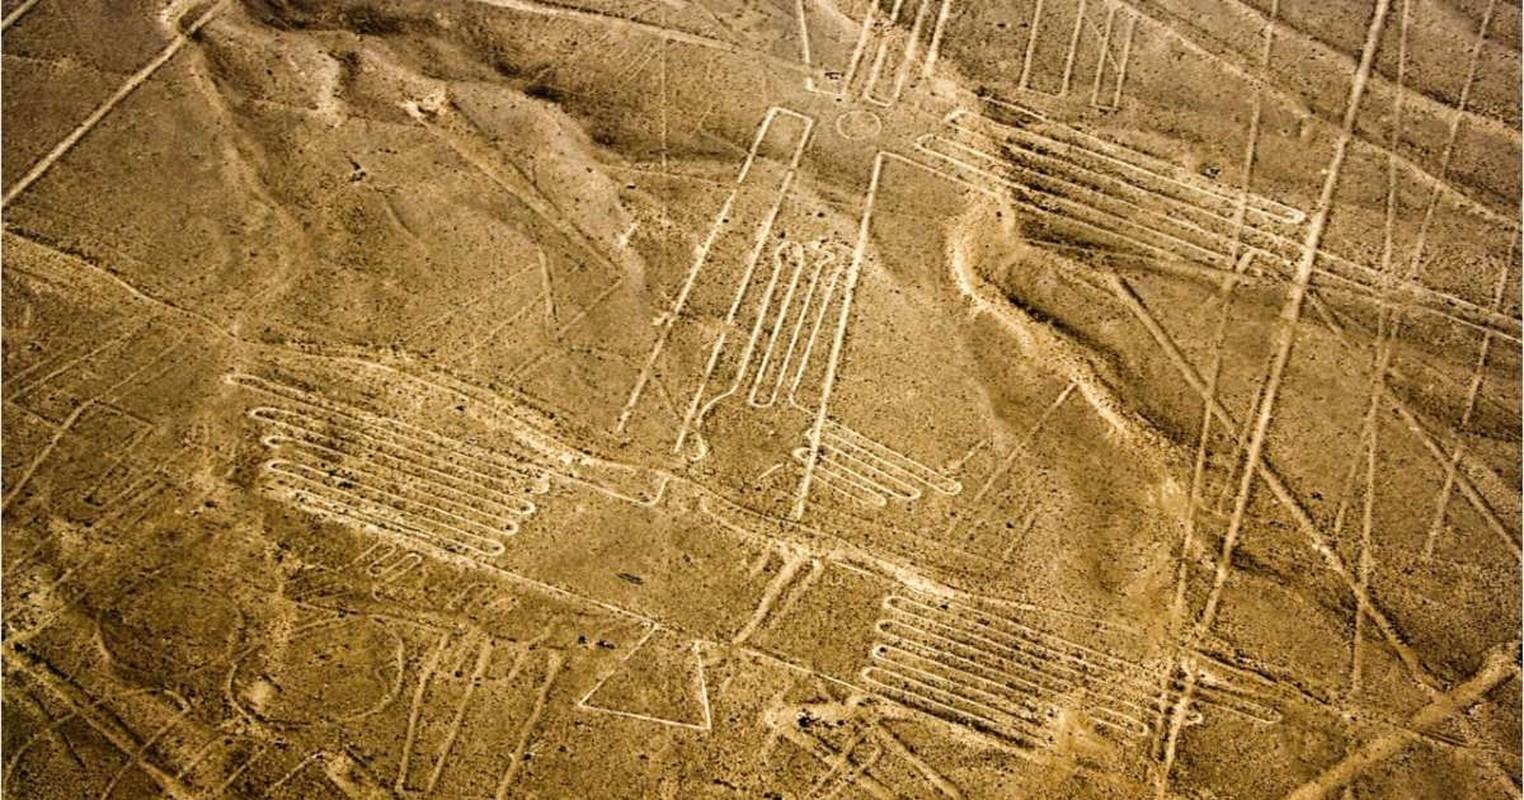 Cuc sot: Duong ke Nazca cuoi cung da duoc giai ma?-Hinh-8